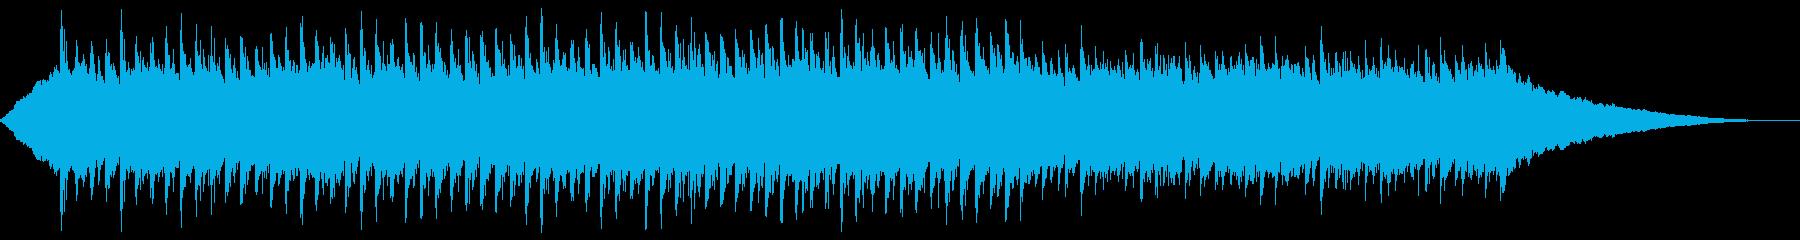 60秒,企業VP、コーポレート、元気な曲の再生済みの波形